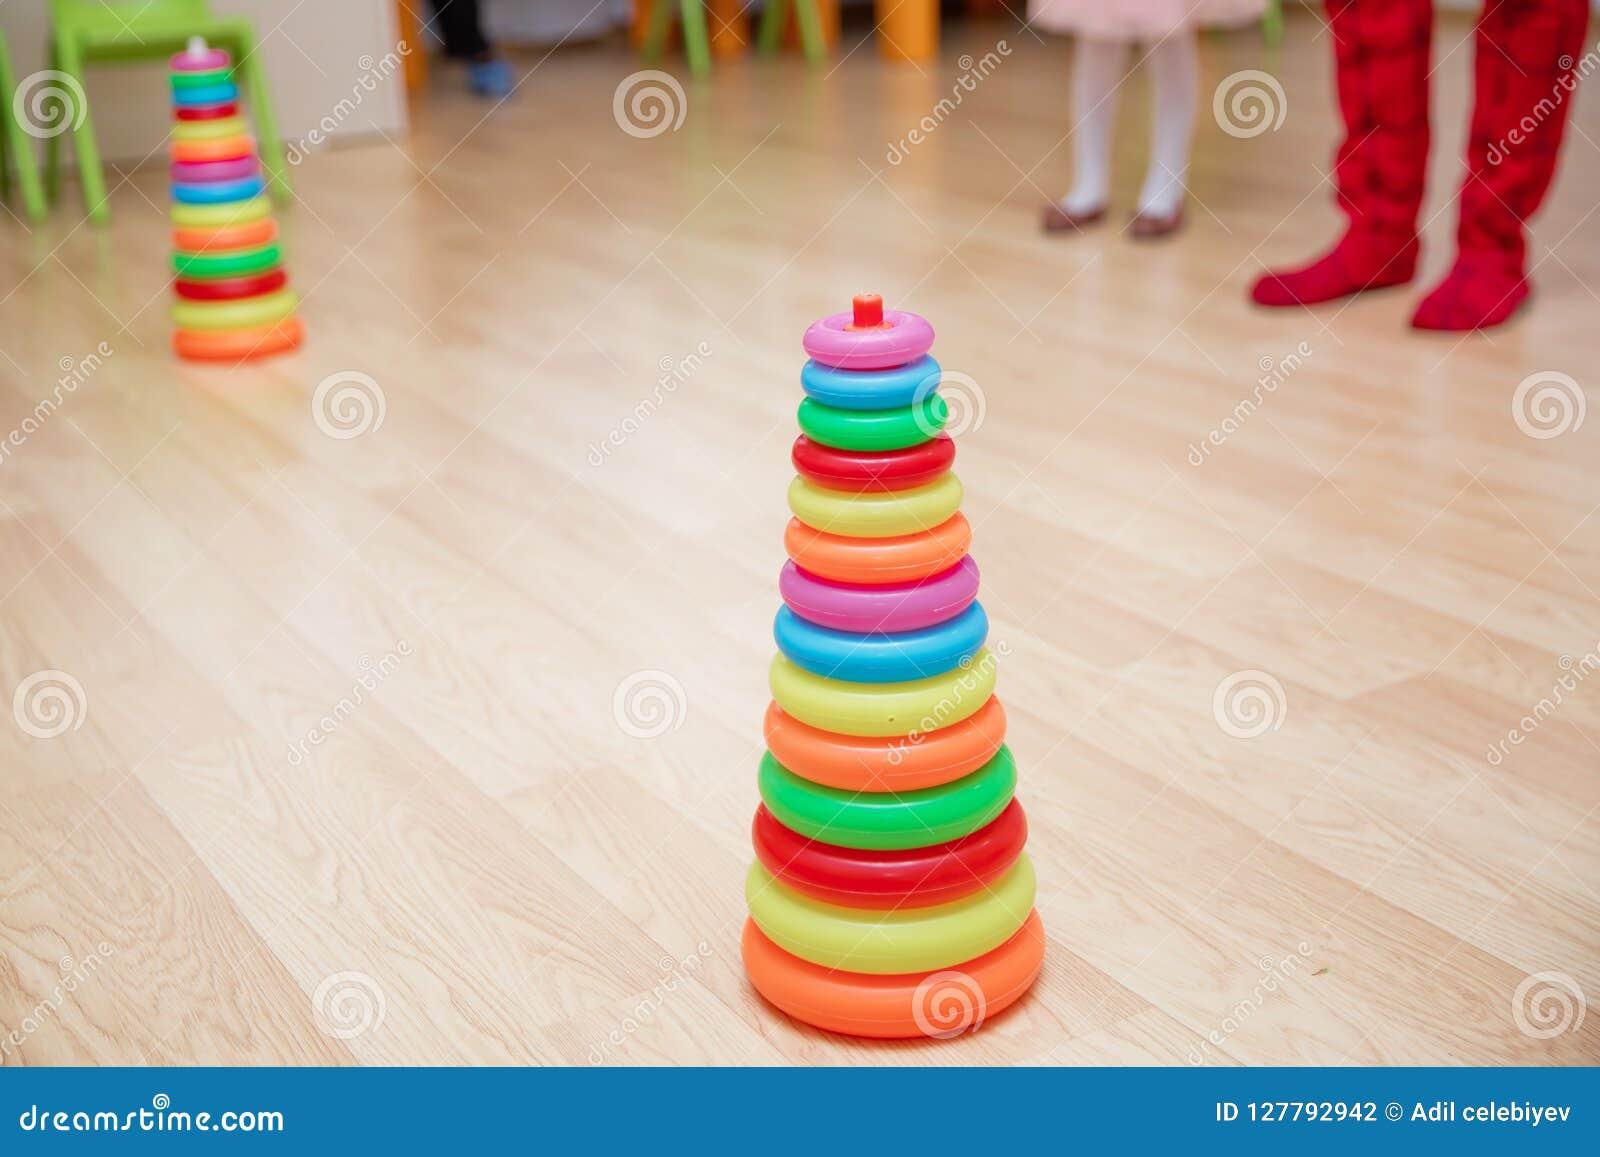 De piramide bouwt van gekleurde houten ringen met een clownhoofd op bovenkant Stuk speelgoed voor babys en peuters vreugdevol om